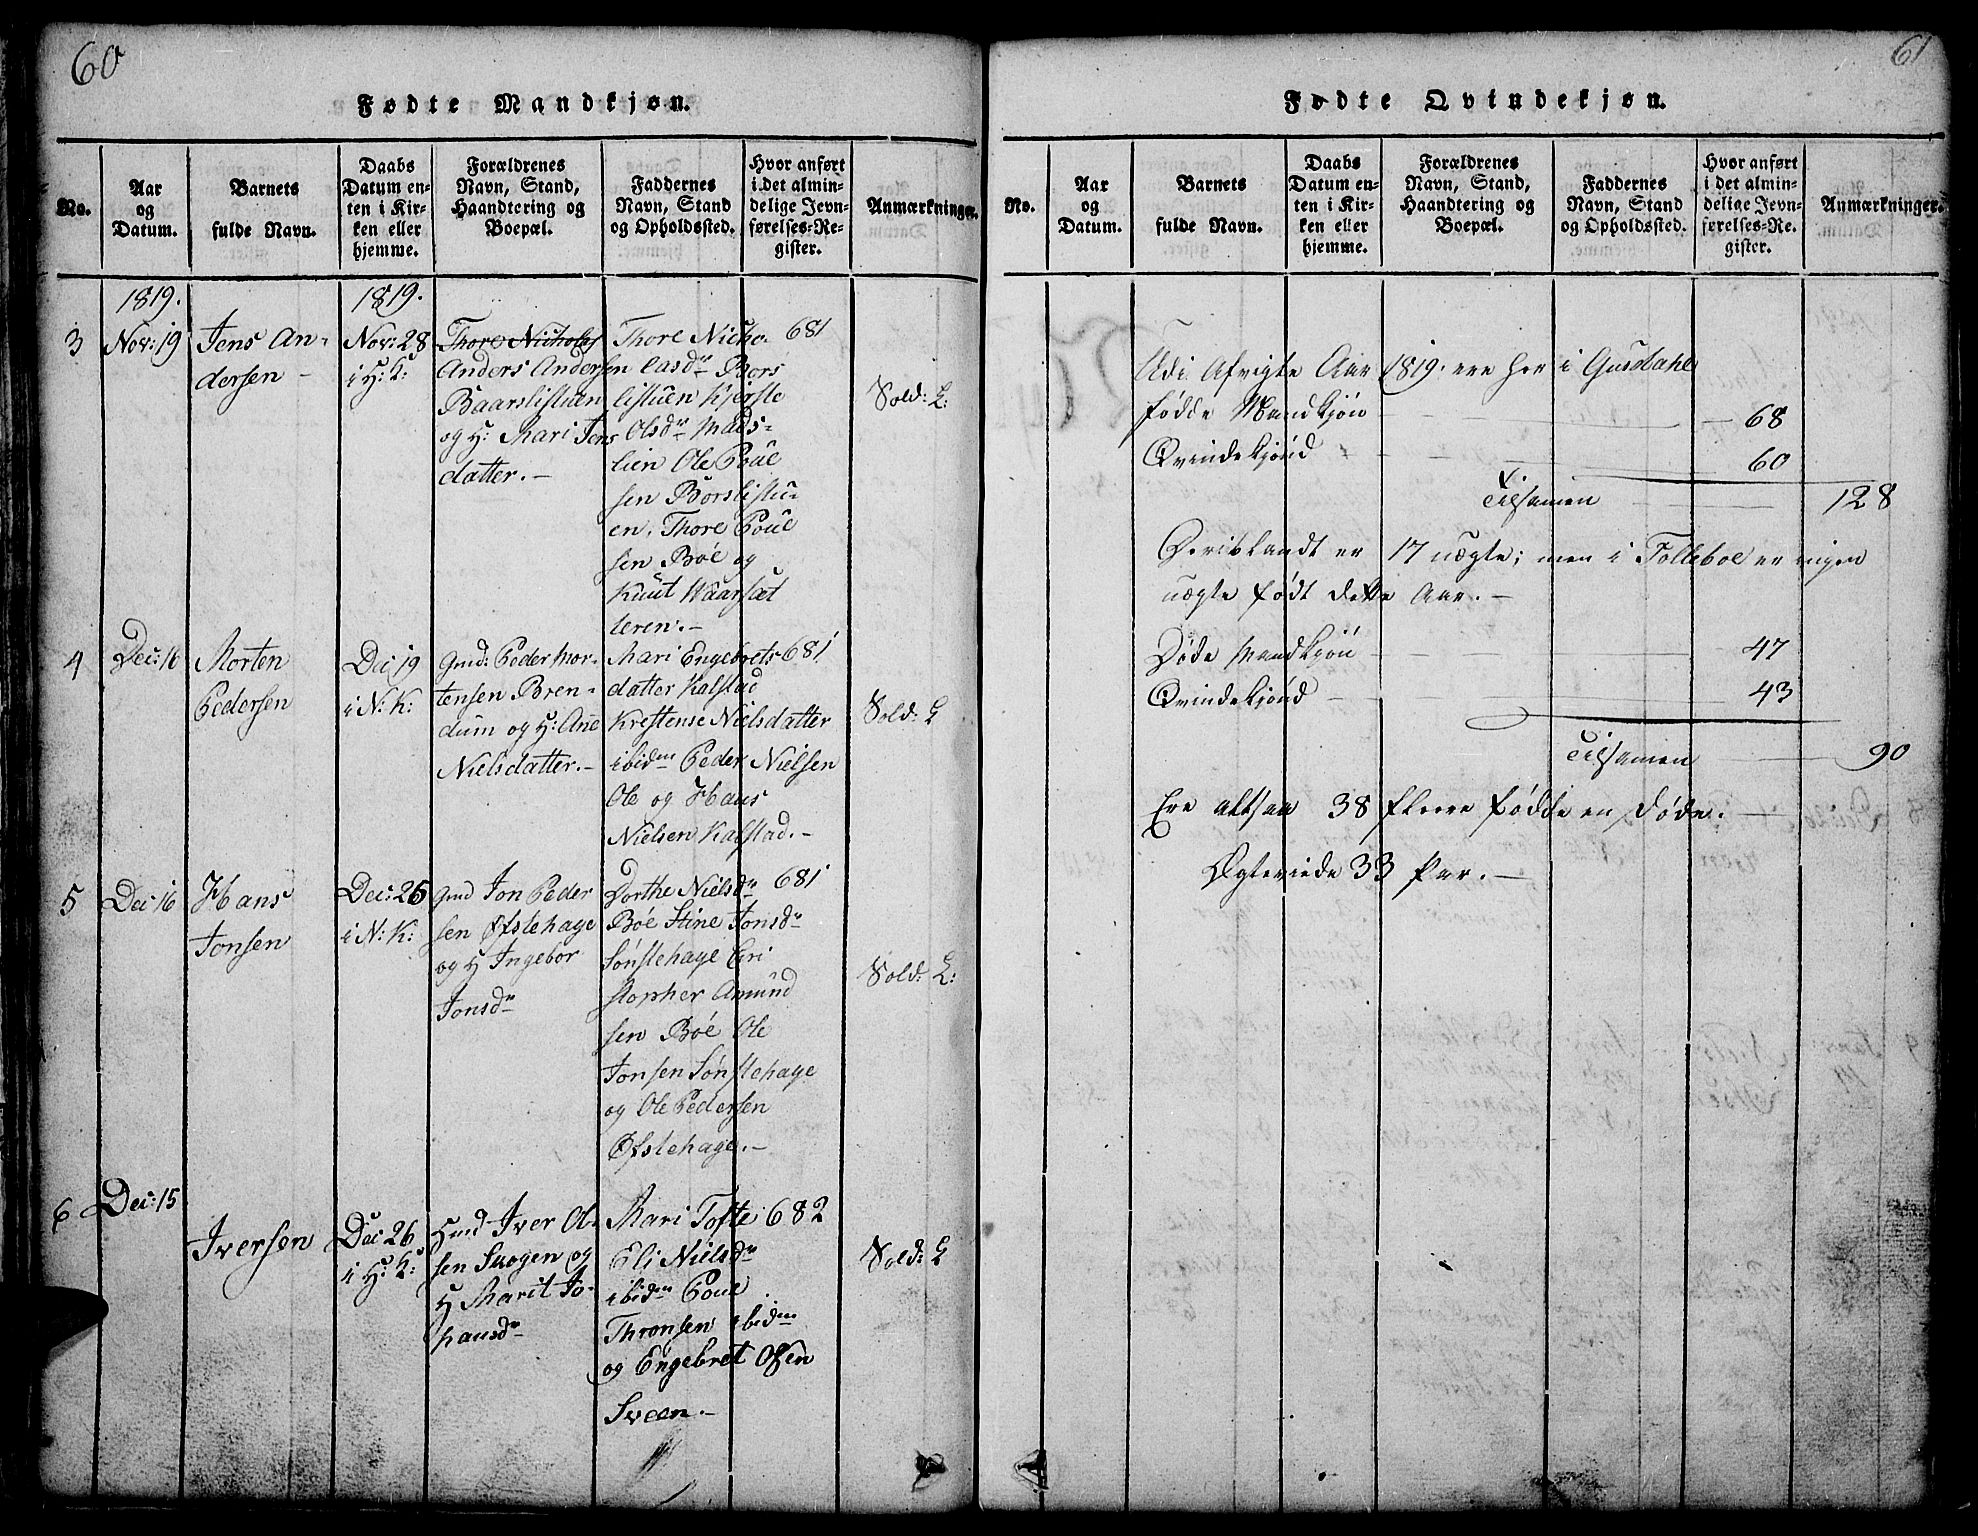 SAH, Gausdal prestekontor, Klokkerbok nr. 1, 1817-1848, s. 60-61